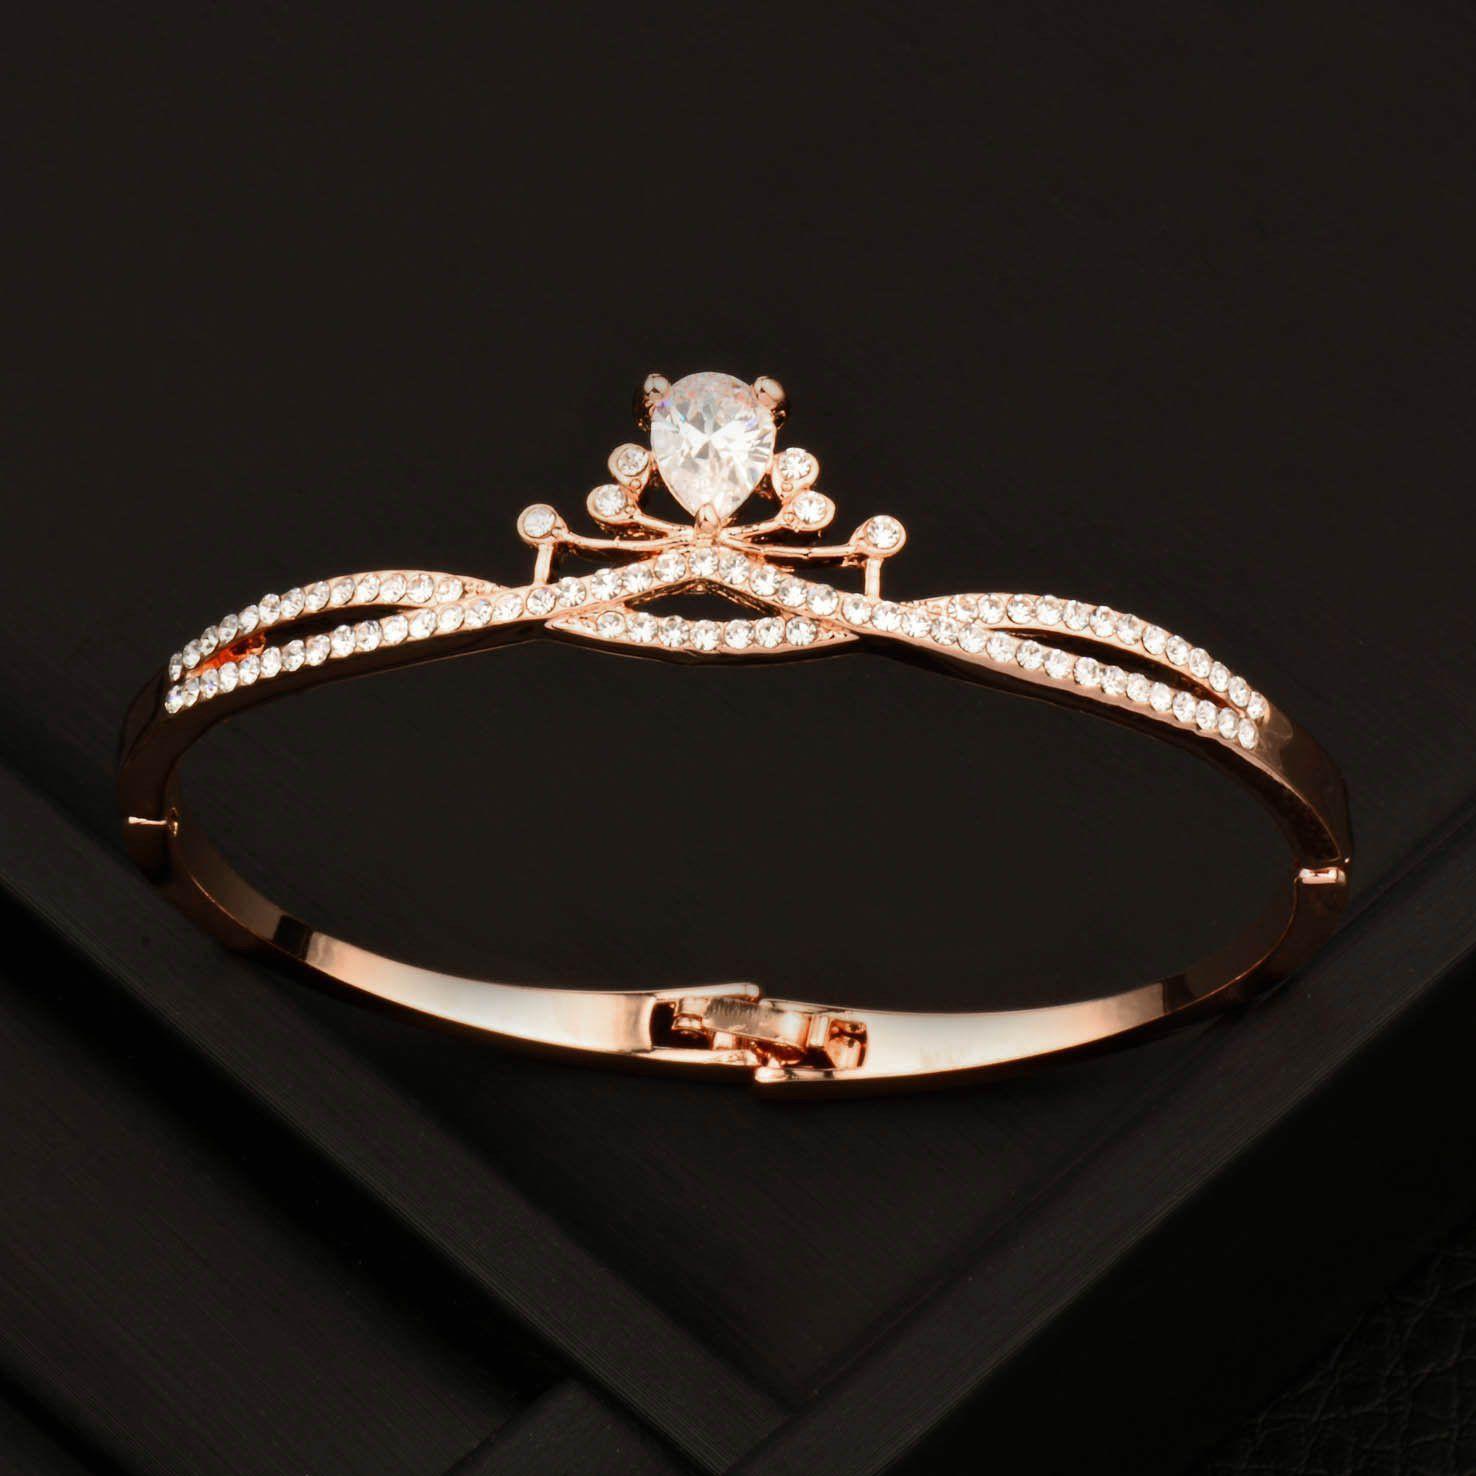 Details about Charm Blue Crystal Leaf Bracelets Bangle for